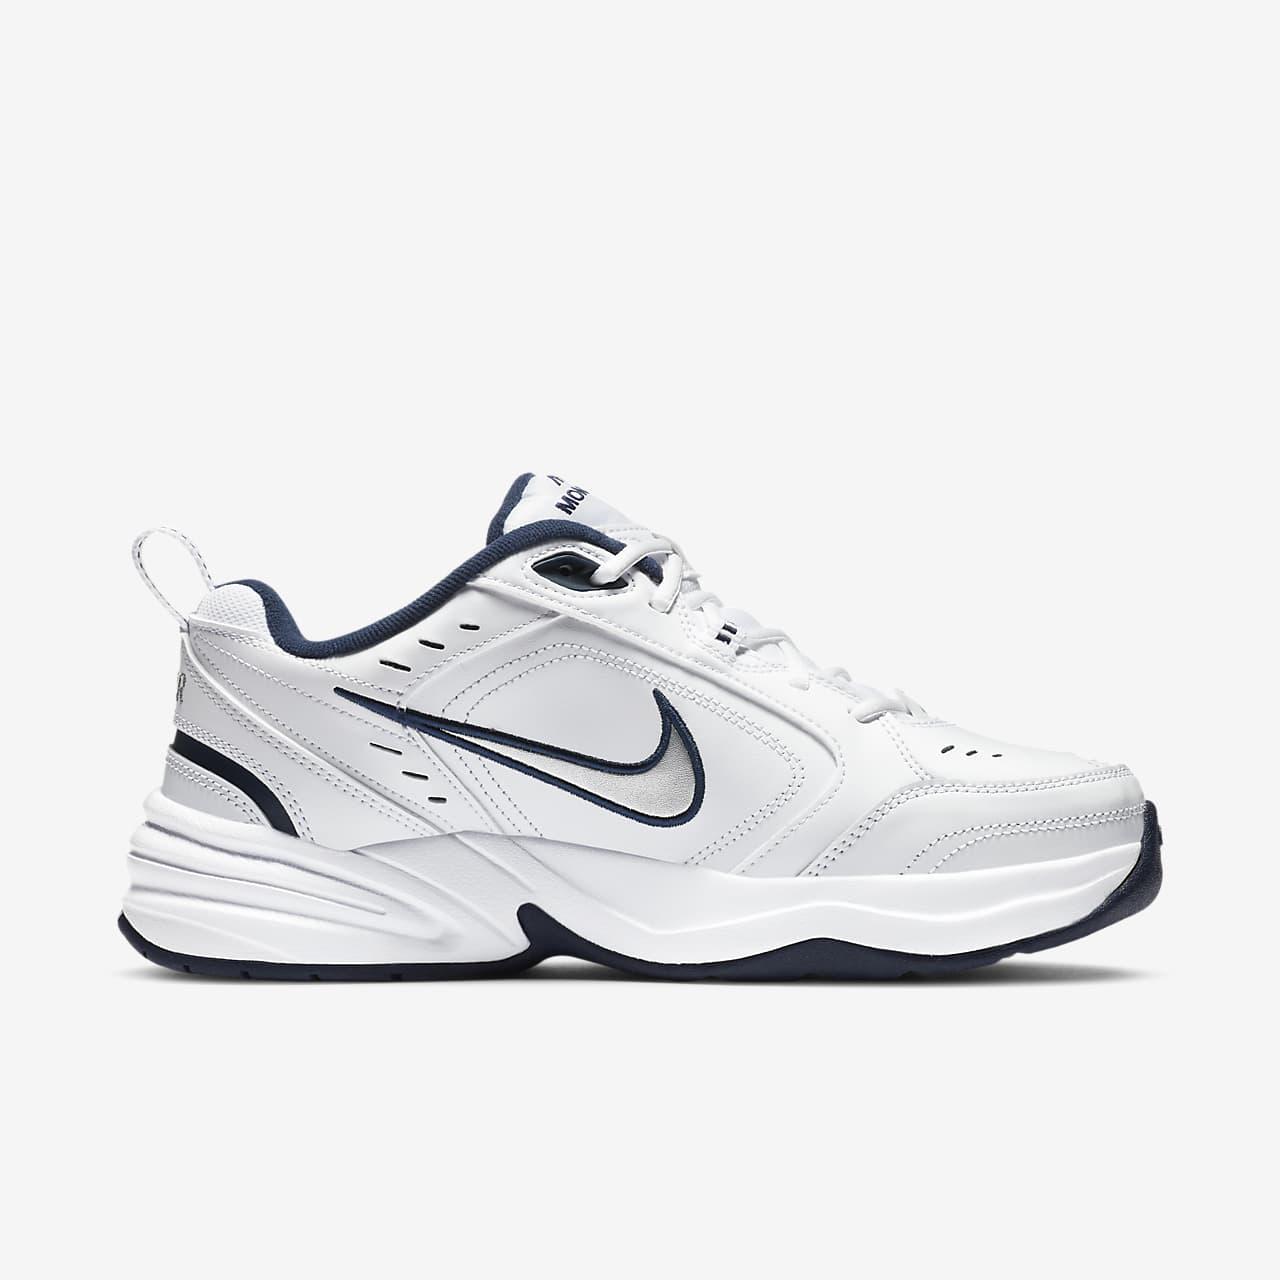 Lifestyle Fitness IvFr Chaussure Et Monarch De Nike Air shrxtQdC